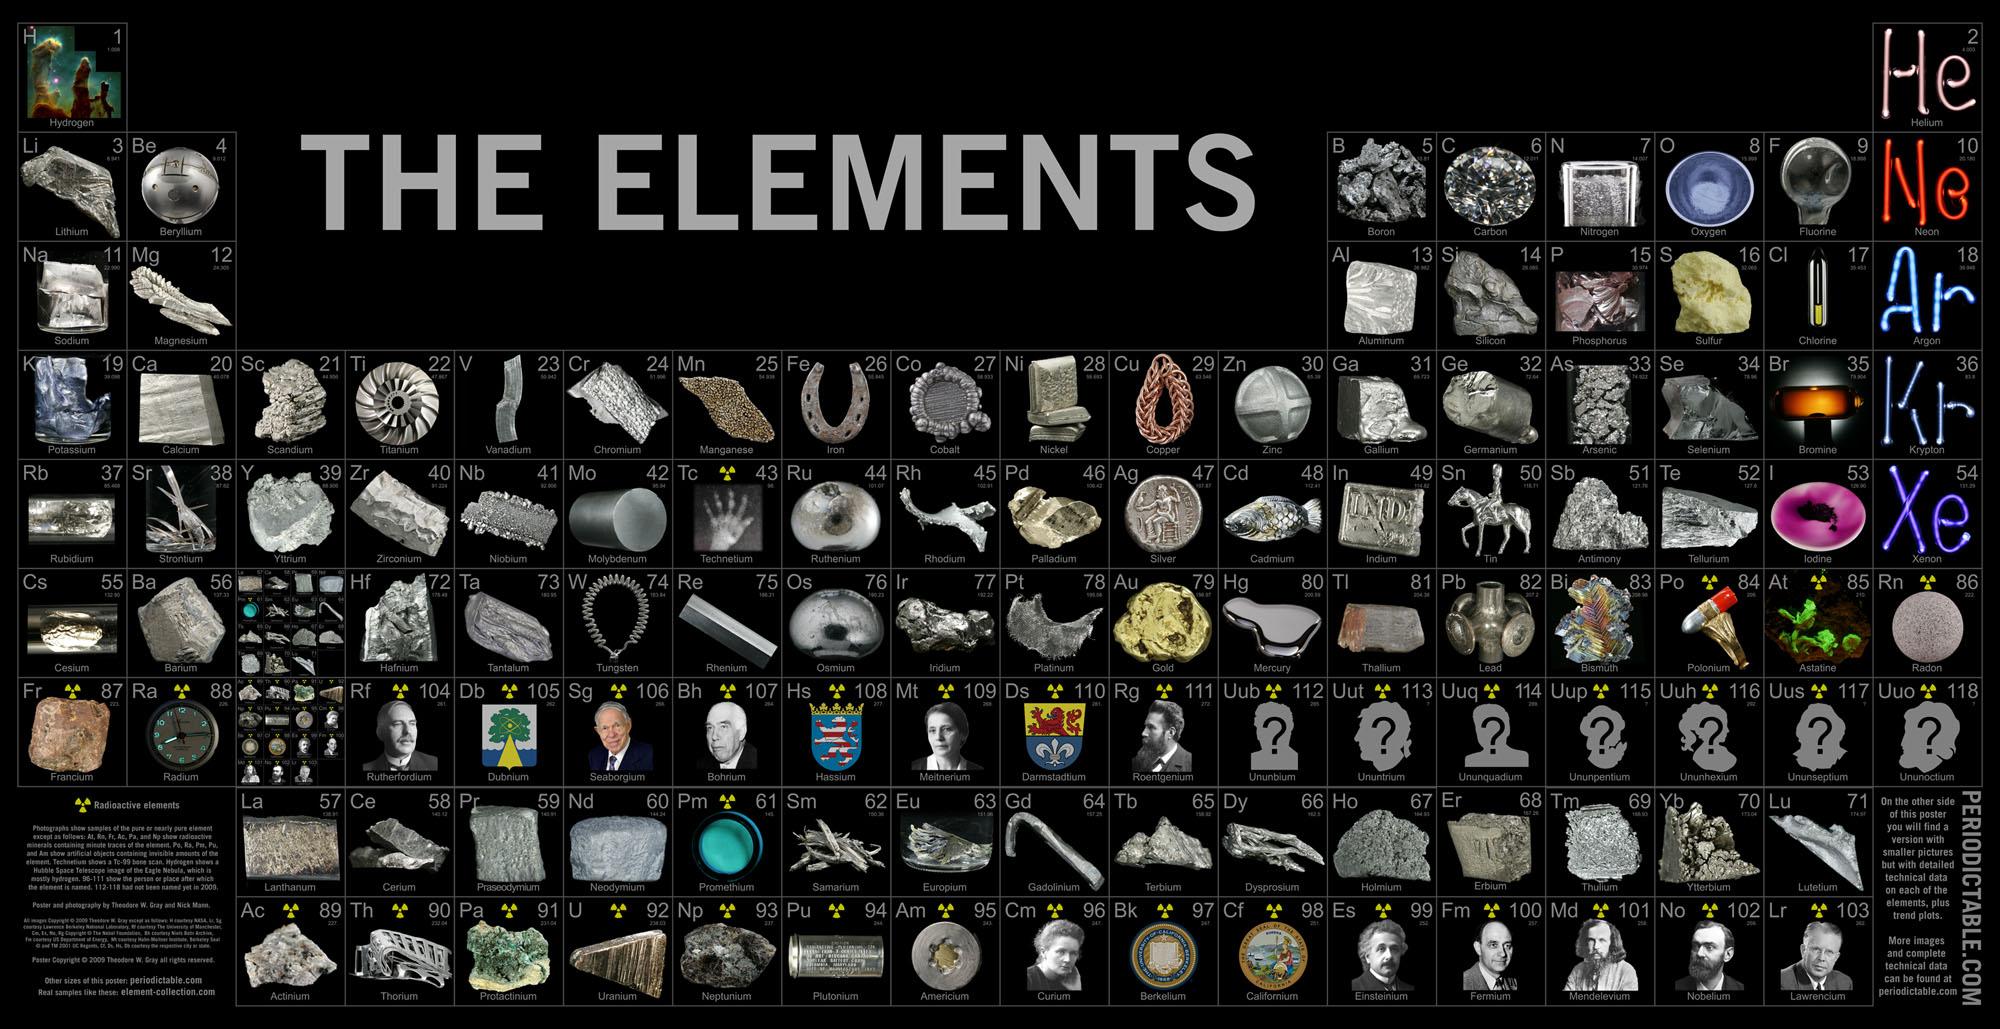 Ununpentio el ltimo elemento en sumarse a la lista tu mundo uno no olvida aquellos momentos en los que tuvimos que memorizar aquella ristra de extraos nombres que llaman tabla peridica sistema que realmente no urtaz Choice Image